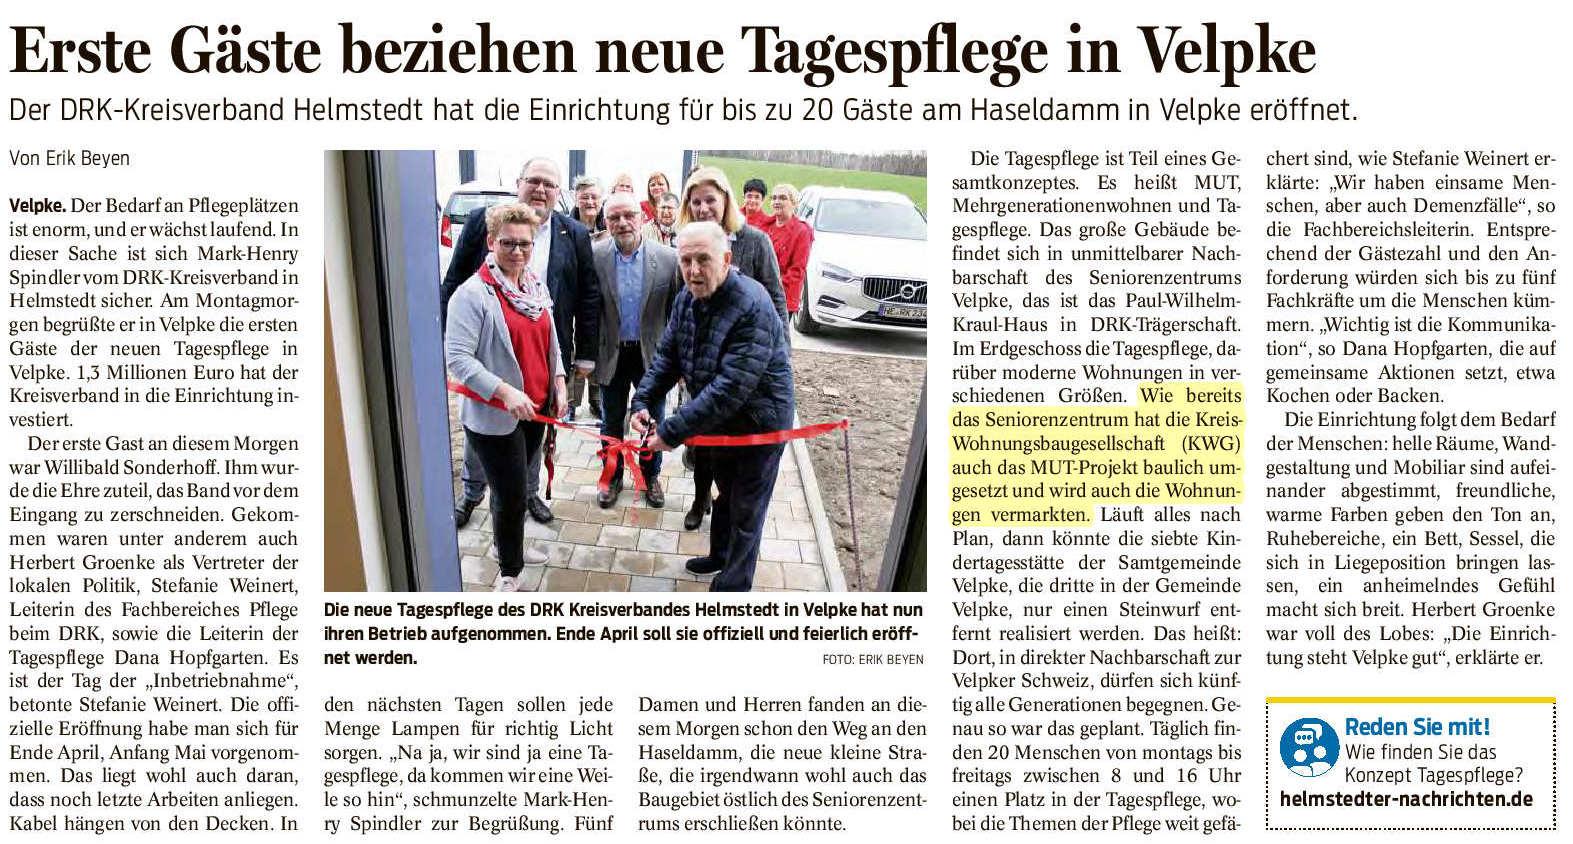 https://www.kwg-helmstedt.de/media/2020-02-19_Wolfsburger_Nachrichten_Helmstedt_-19-02-2020_MuT.jpg